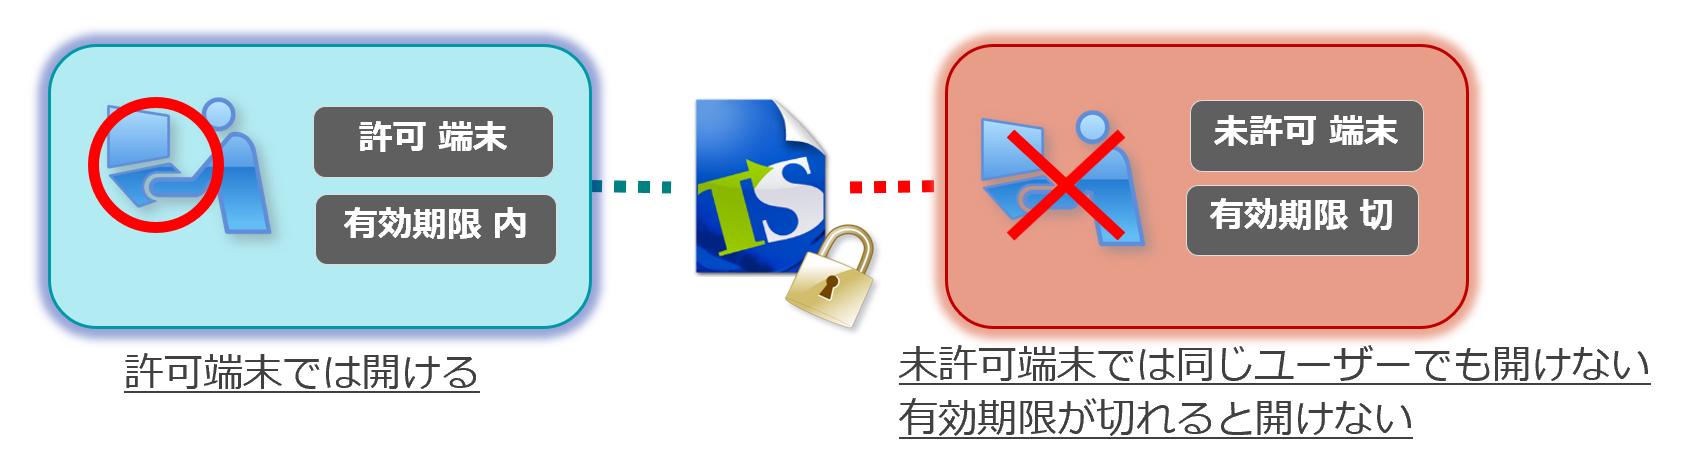 端末制限や有効期限の設定で、より厳格にファイルを運用管理。